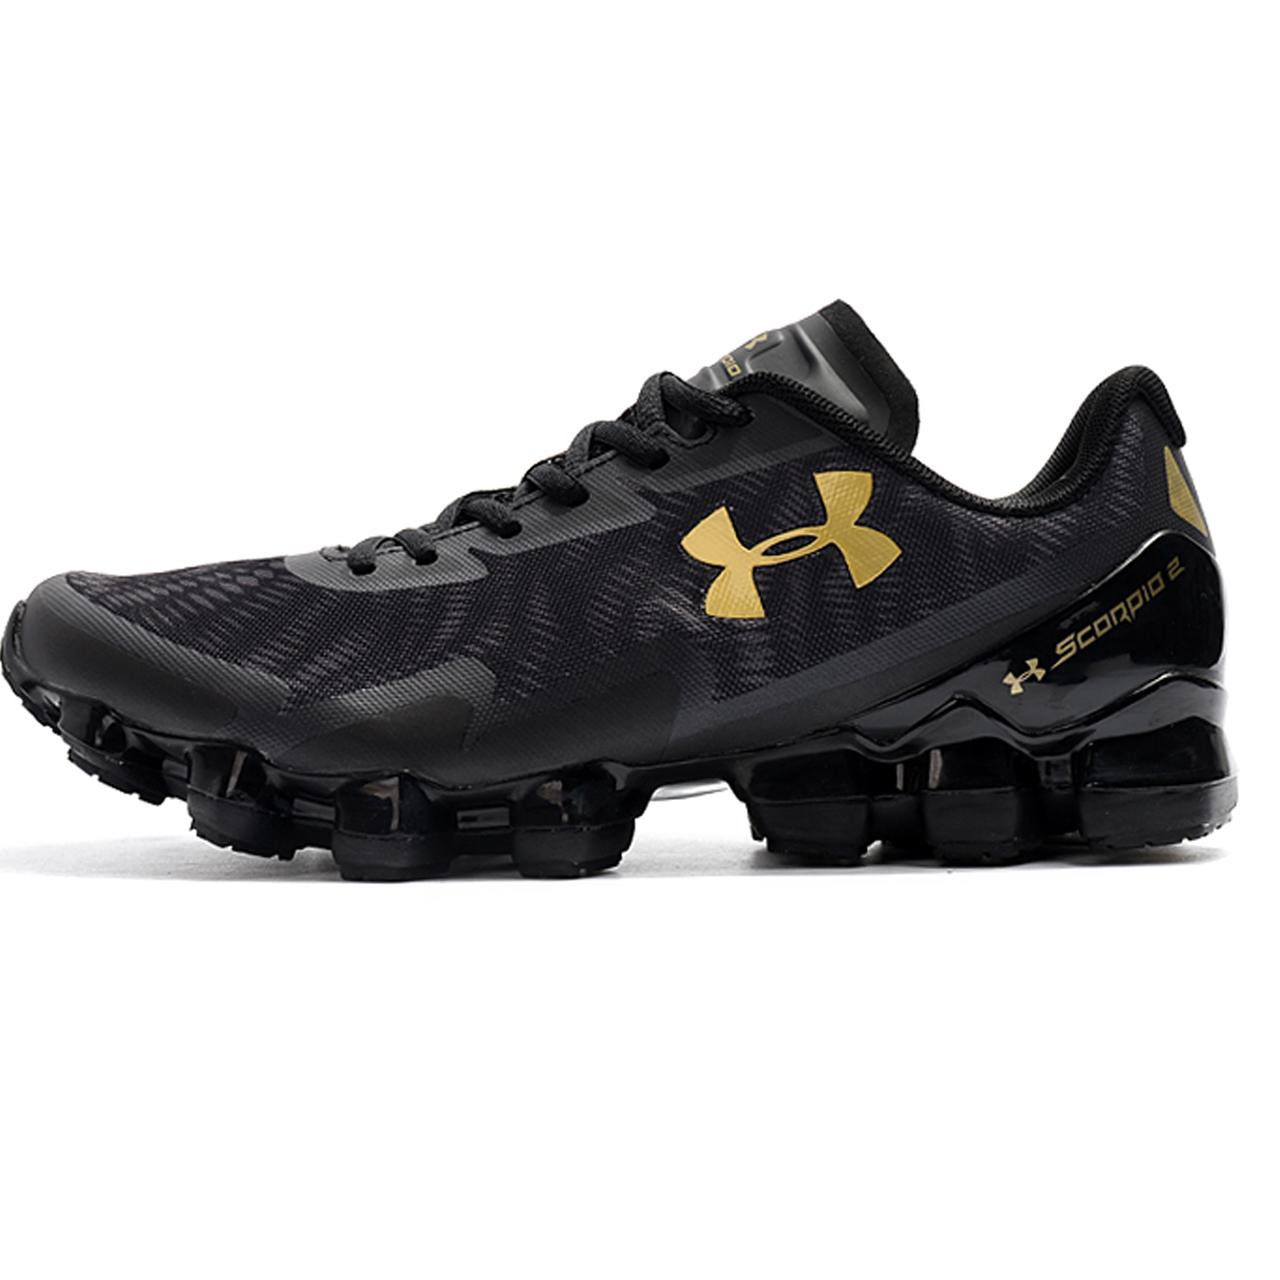 کفش ورزشی مردانه مخصوص دویدن و پیاده روی اندر ارمور مدل Scorpio 2